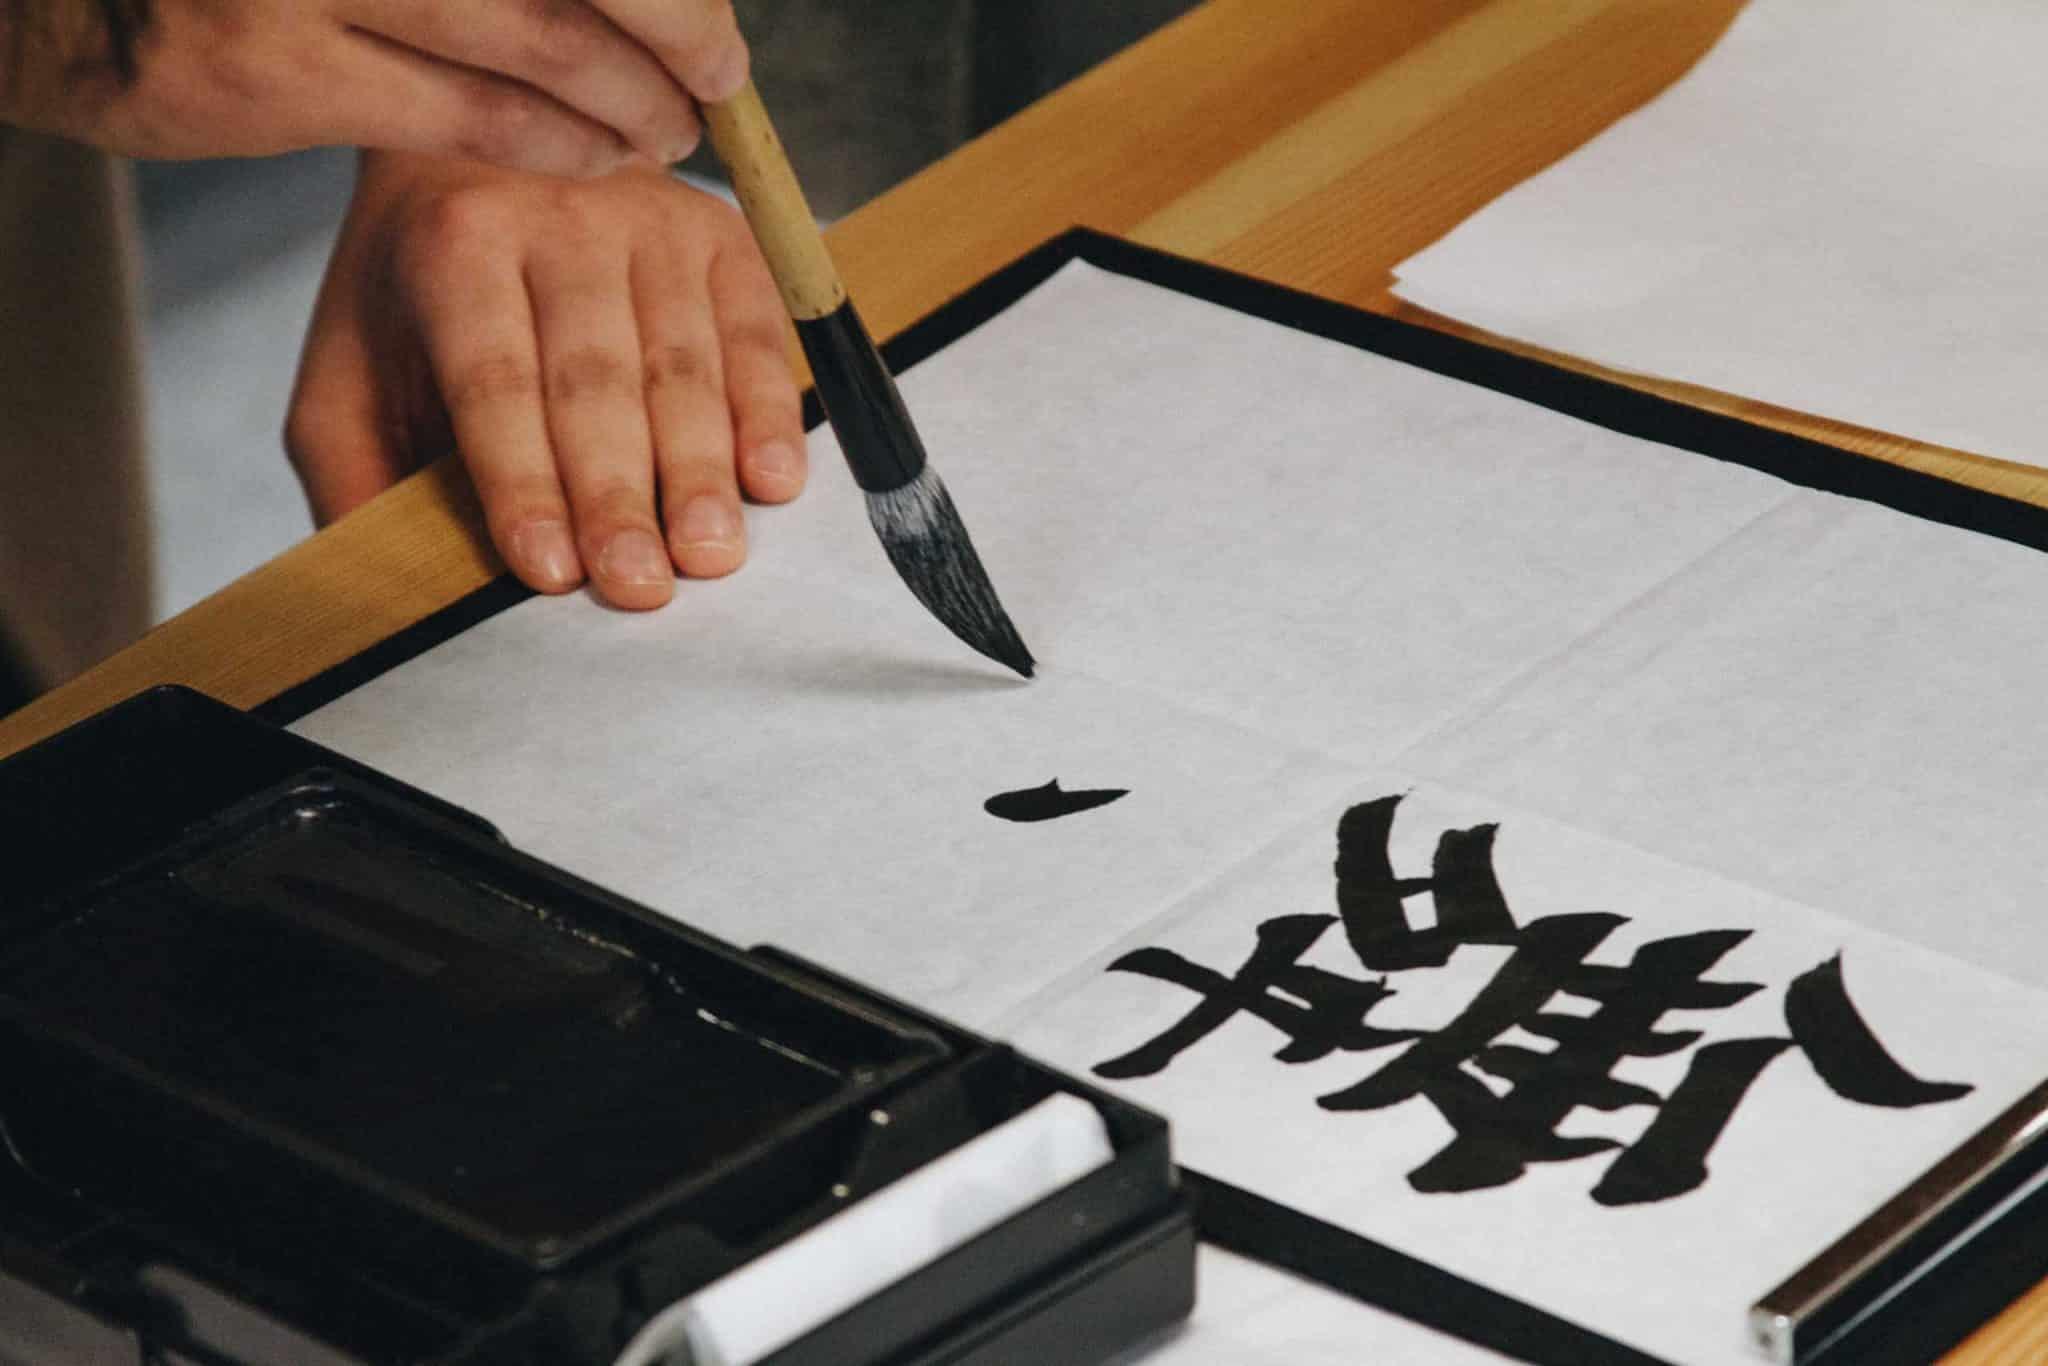 aprender japones, curso japones, aprender hiragana, estudiar japones, aprende japones desde cero